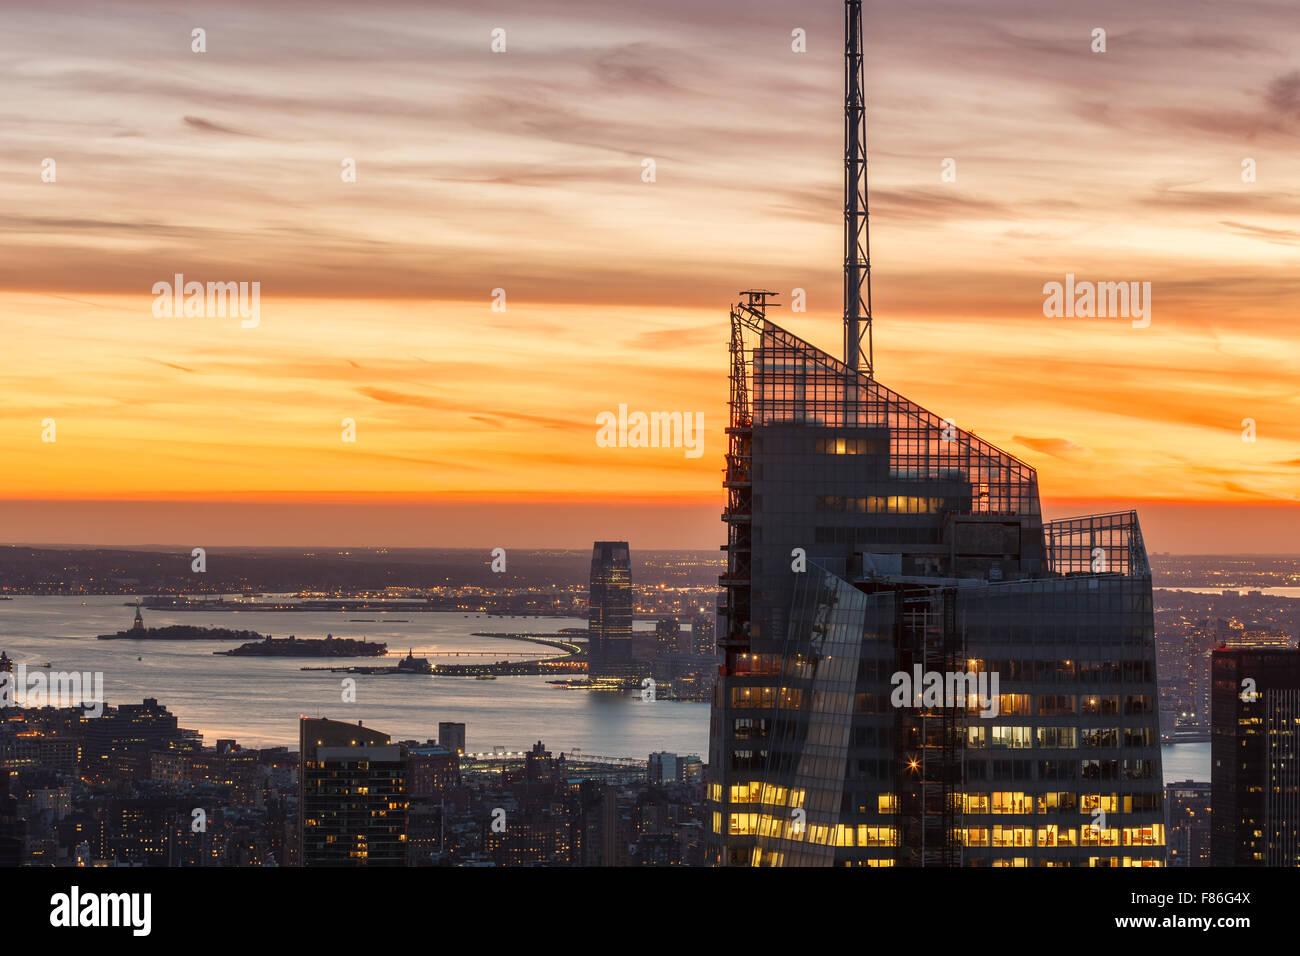 Luftbild von Midtown Manhattan und Bank of America Tower bei Sonnenuntergang. Die Statue of Liberty erscheint im Stockbild